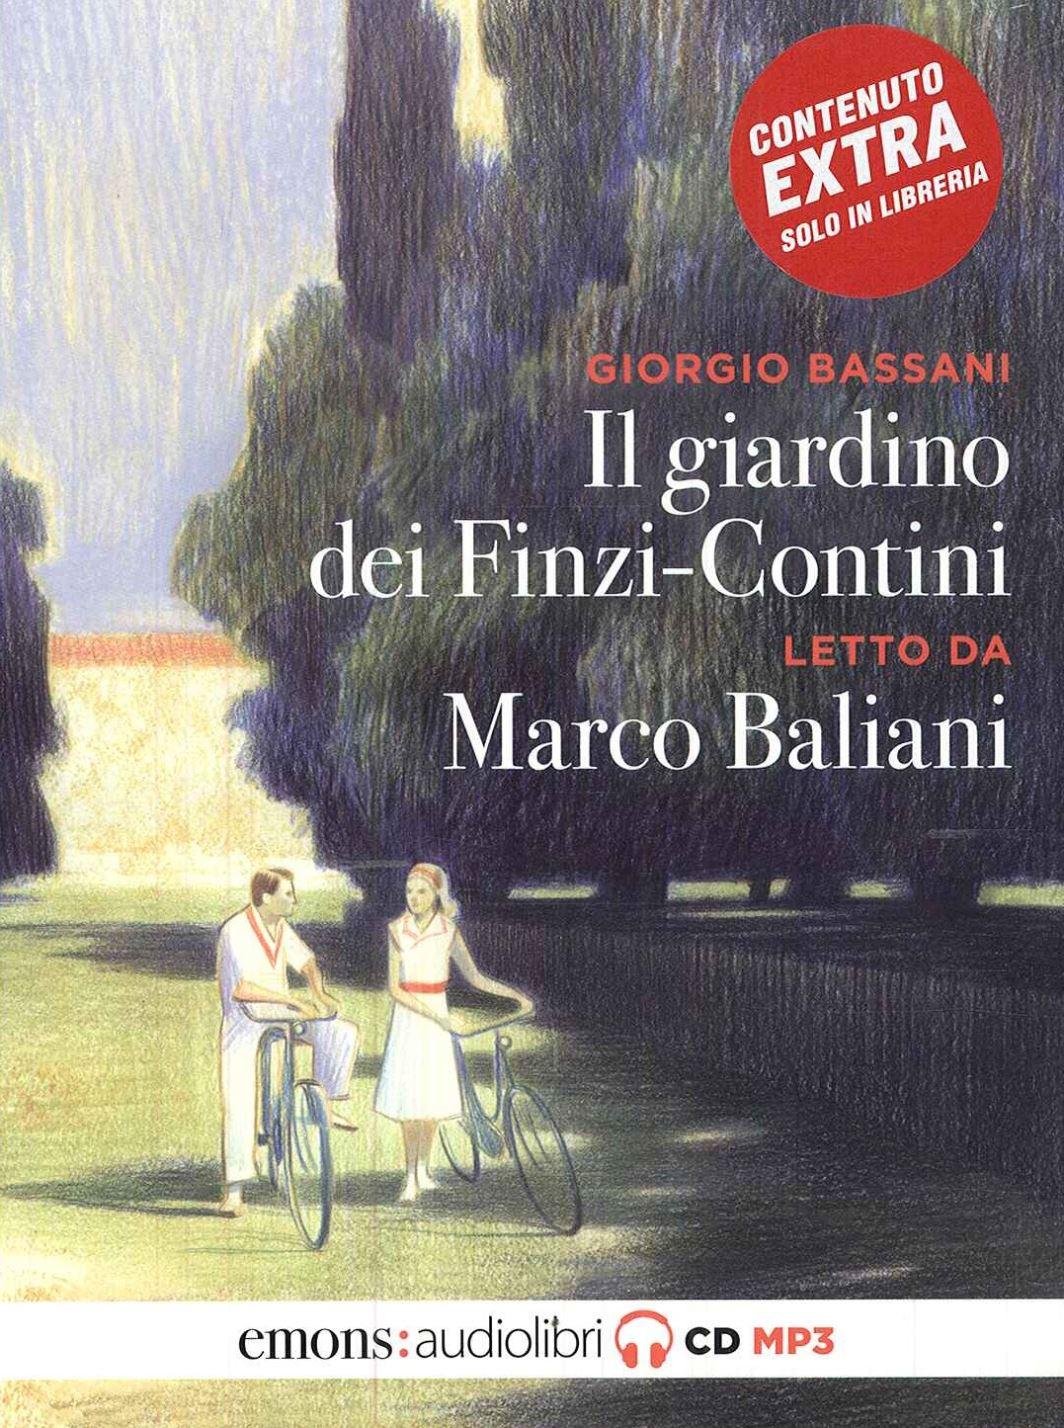 Il giardino dei finzi contini n e 2019 giorgio bassani emons 9788869863998 tabook - Il giardino dei finzi contini libro ...